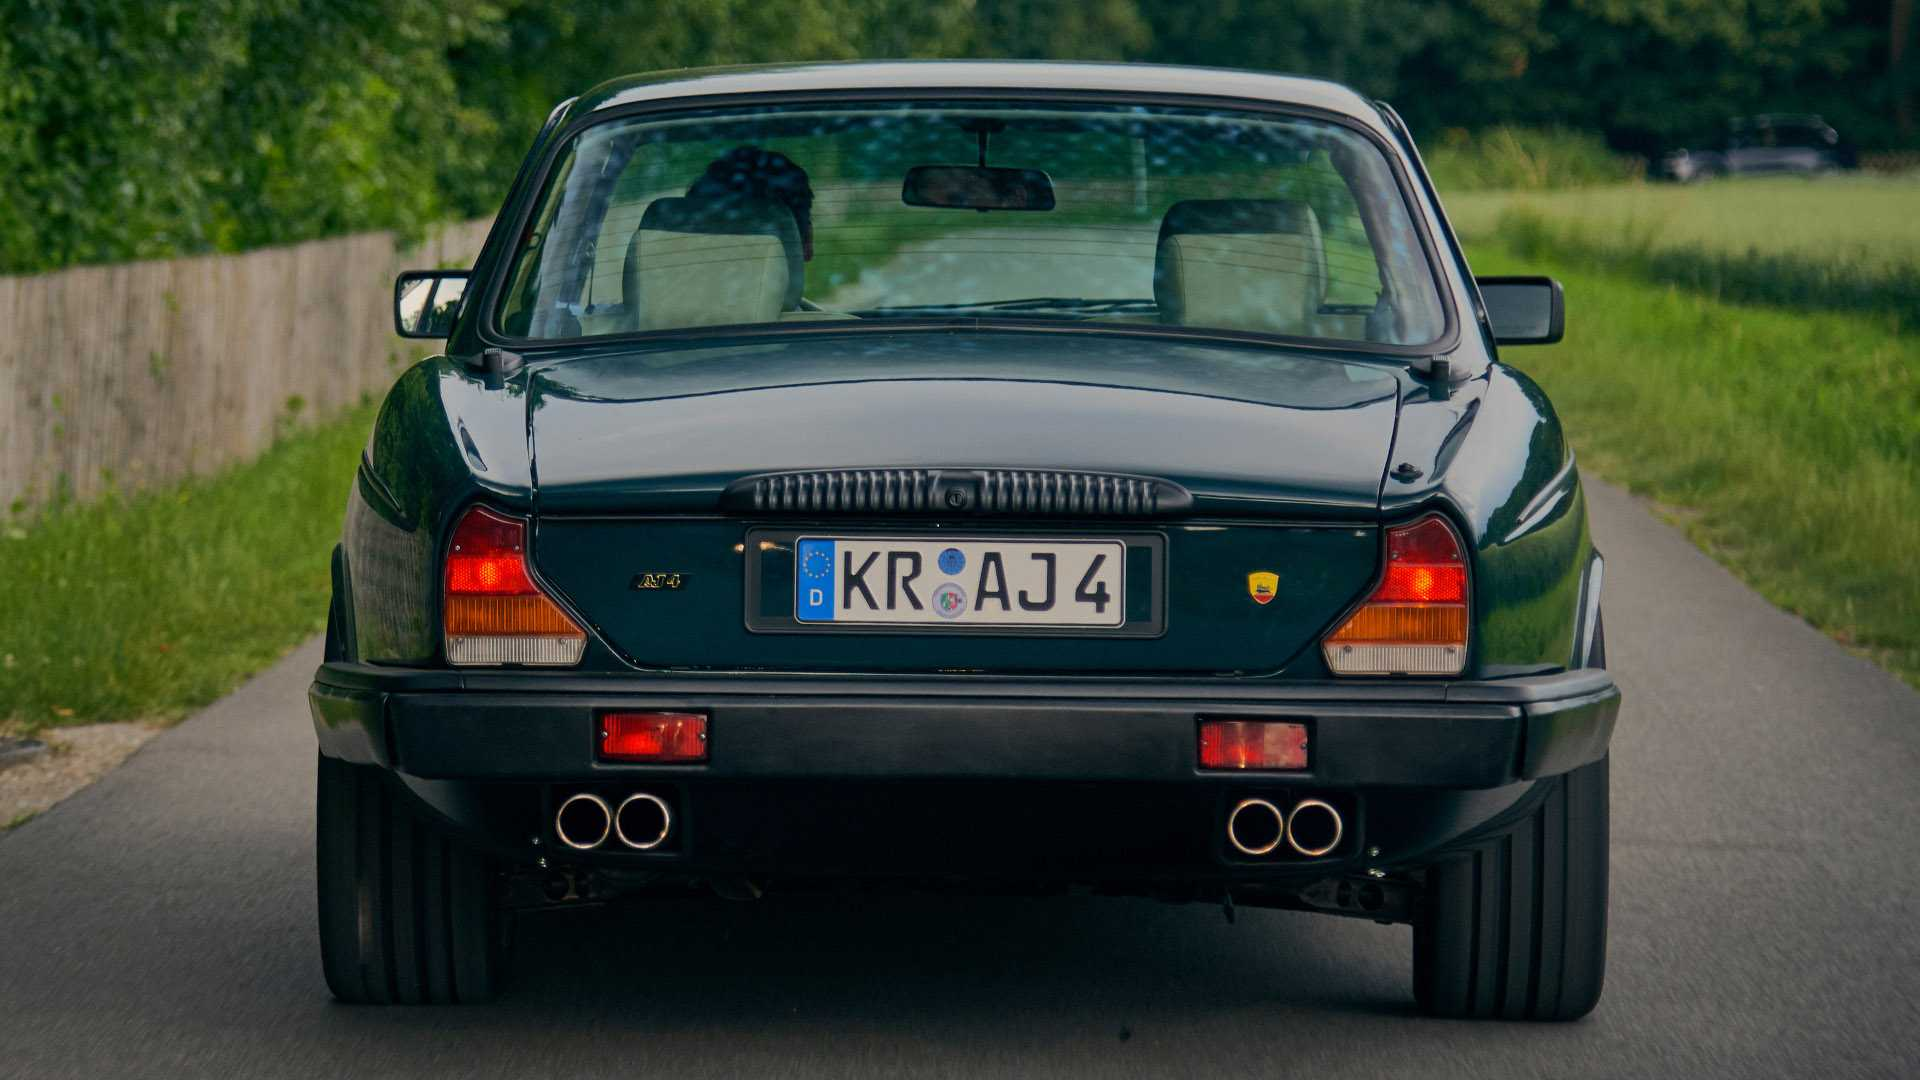 Arden_AJ_4_Jaguar_XJ12_0005